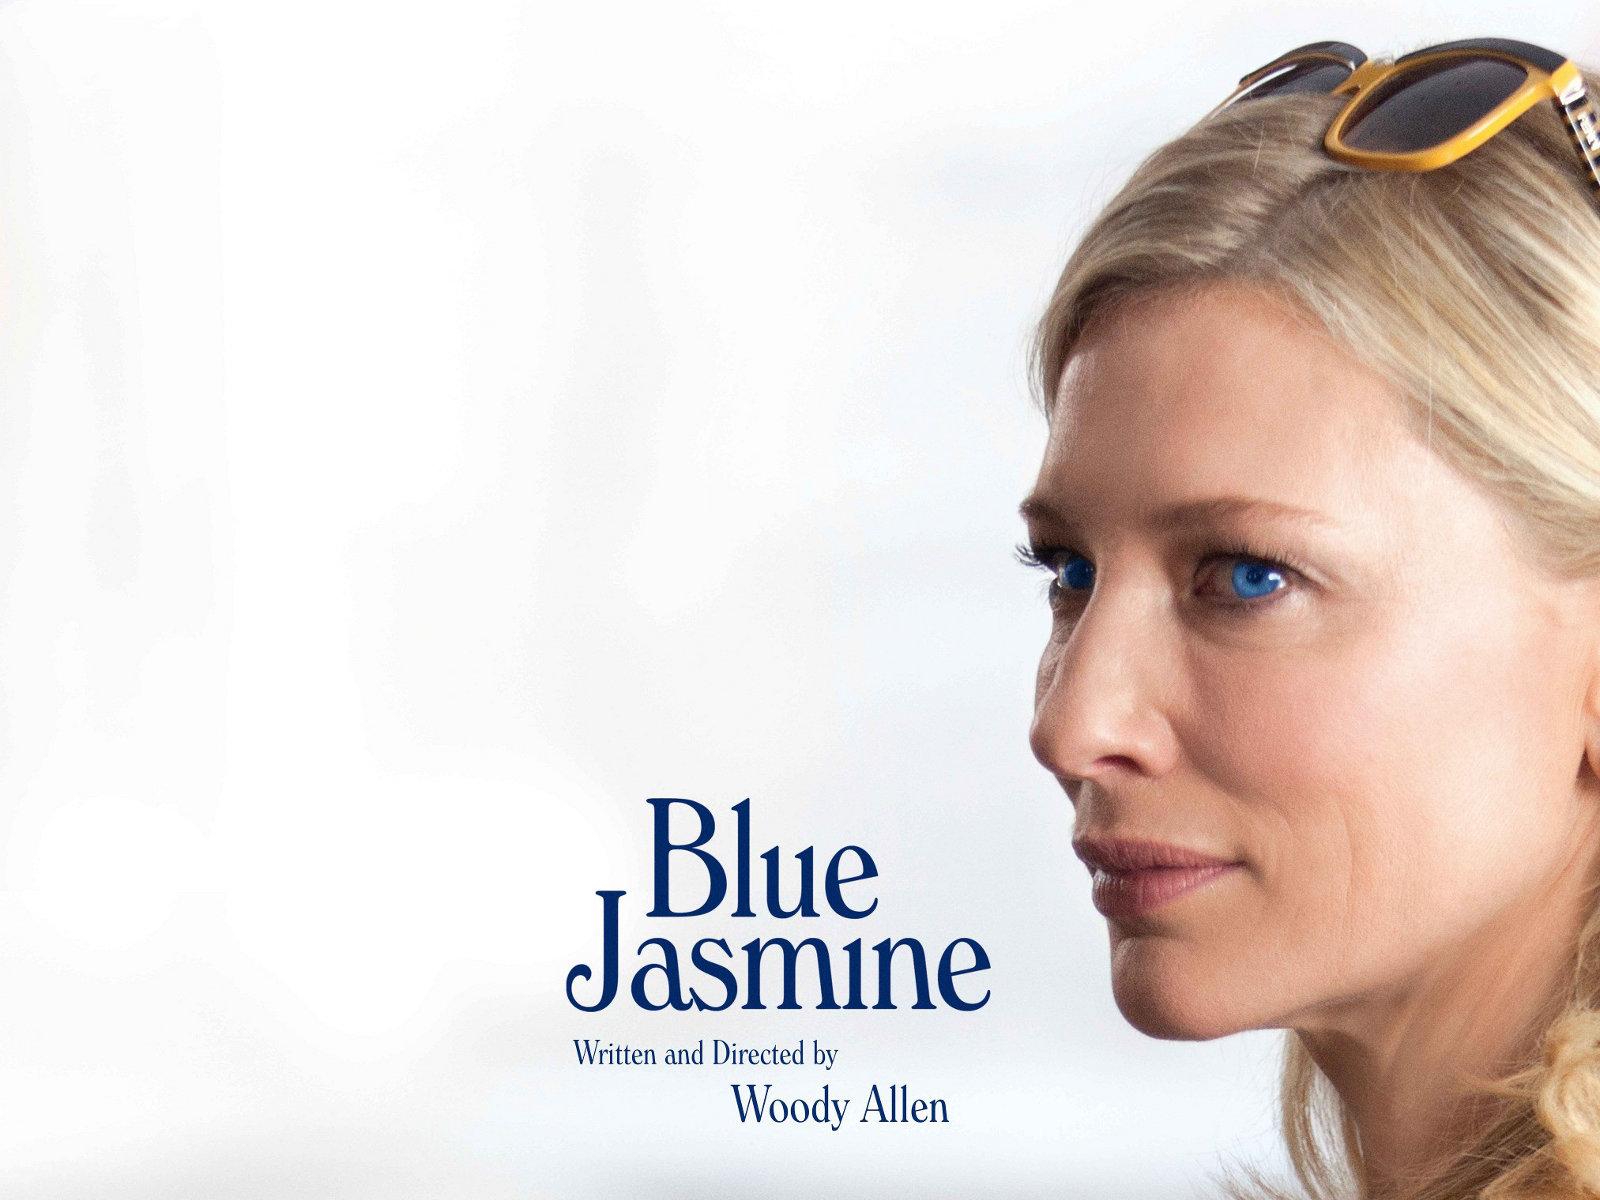 Blue Jasmine – najlepsza rola Cate Blanchett? Recenzja ostatniego filmu Woody'ego Allena